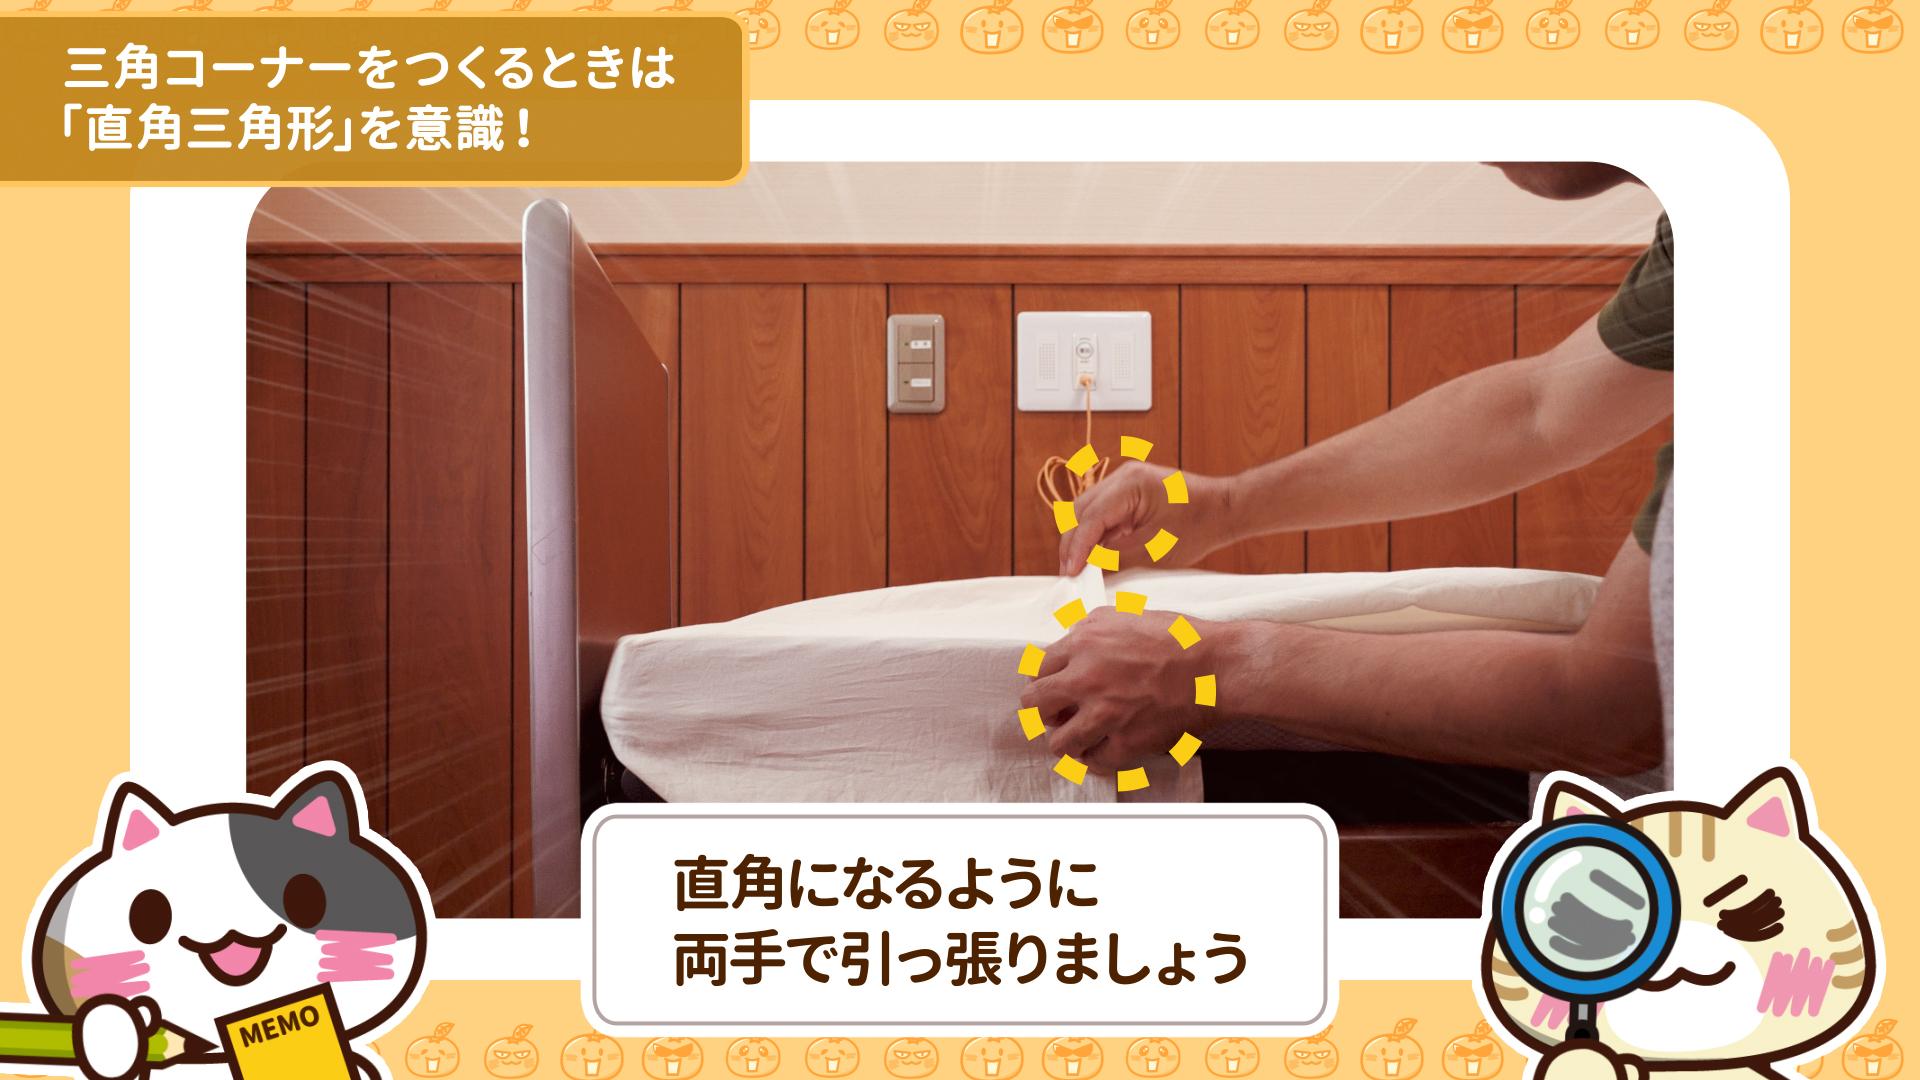 ベッド上に三角形を置くのイメージ